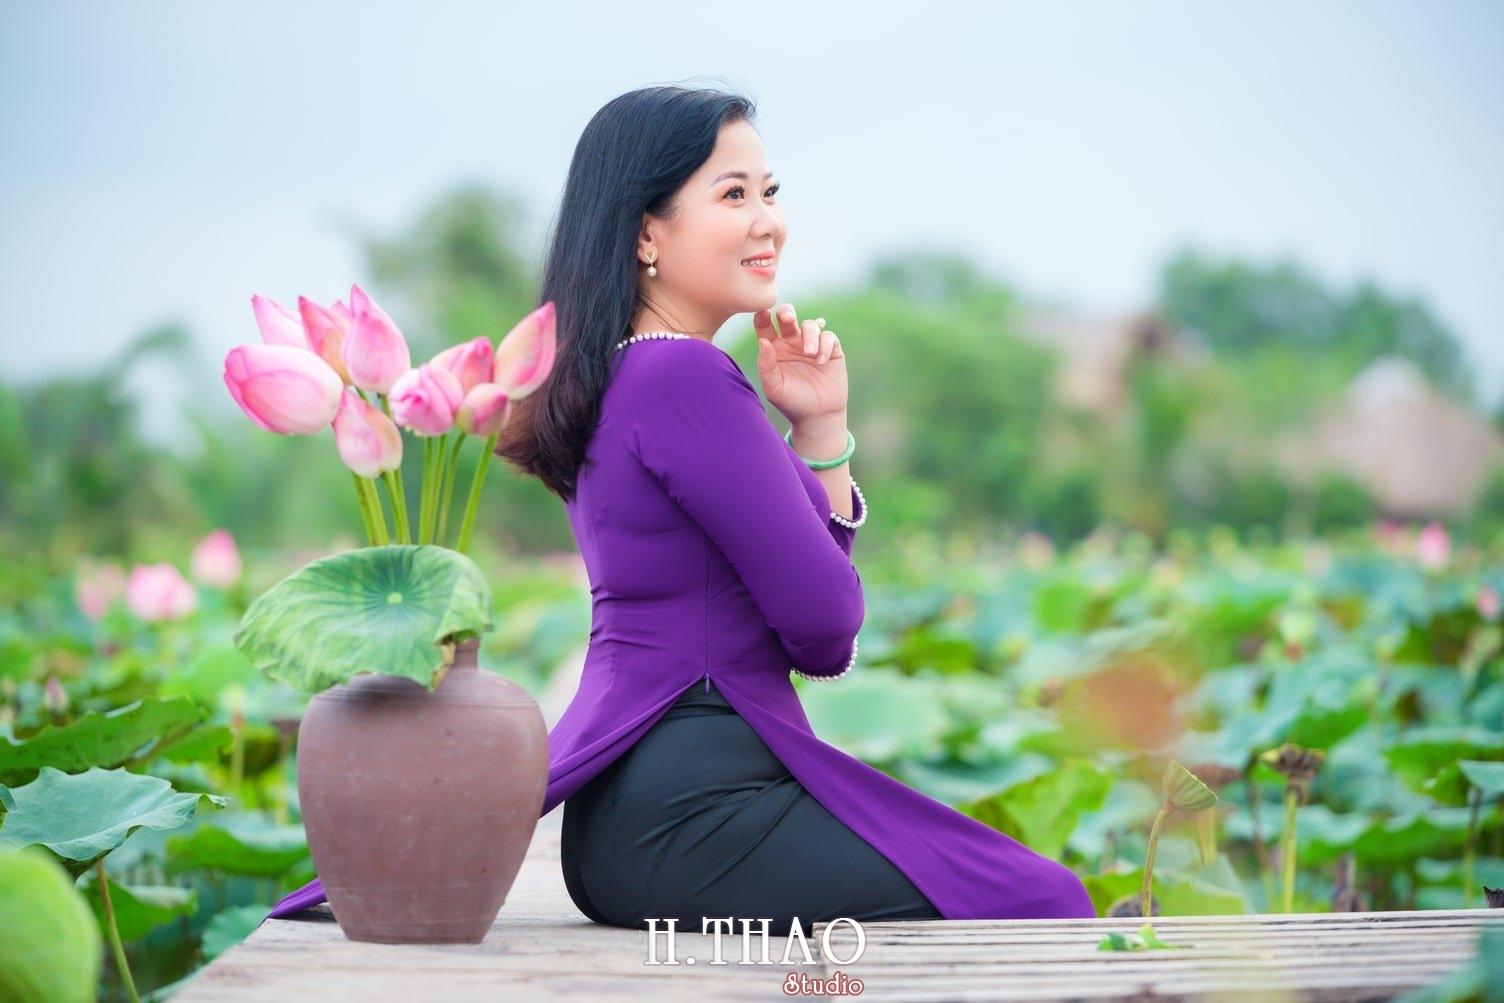 Anh Hoa sen tam da 1 - Bộ ảnh hoa sen với áo dài tím đẹp dễ thương - HThao Studio